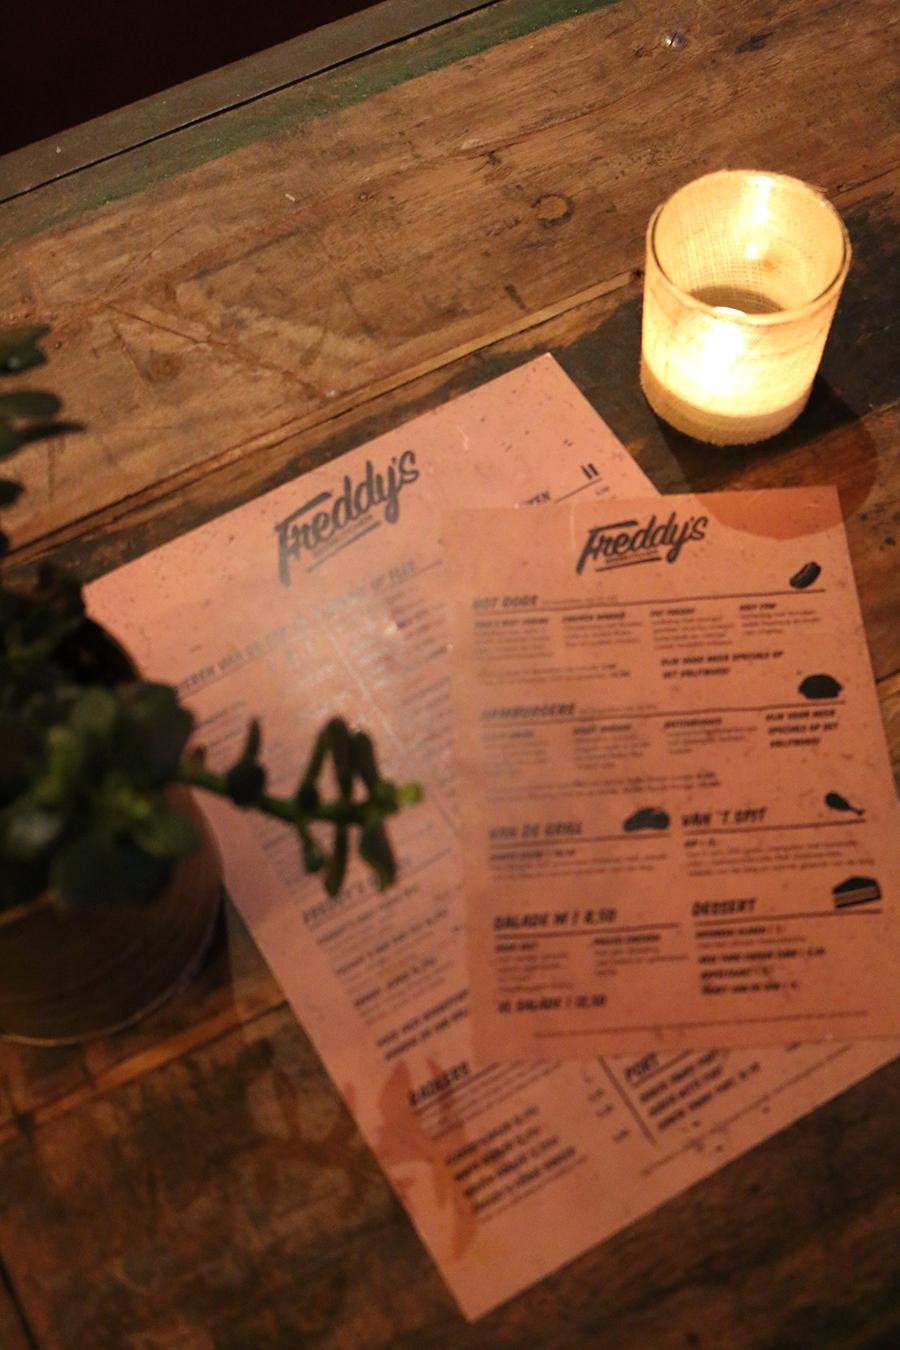 Eten in Nijmegen: Hotdogs happen en bier drinken bij Freddy's Beerkitchen, uit eten in Nijmegen